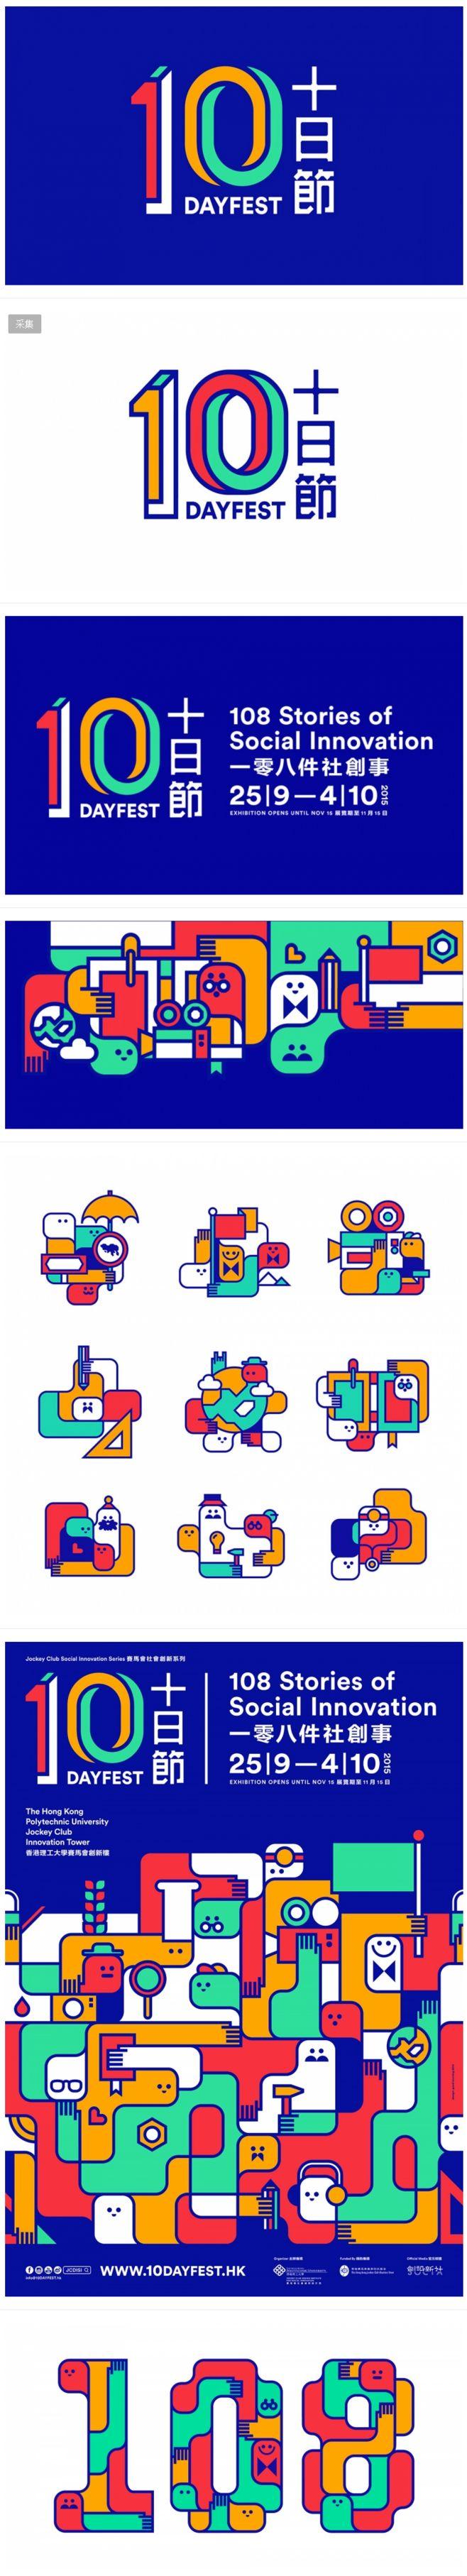 10DAYFEST 十日节视觉形象设计 ...